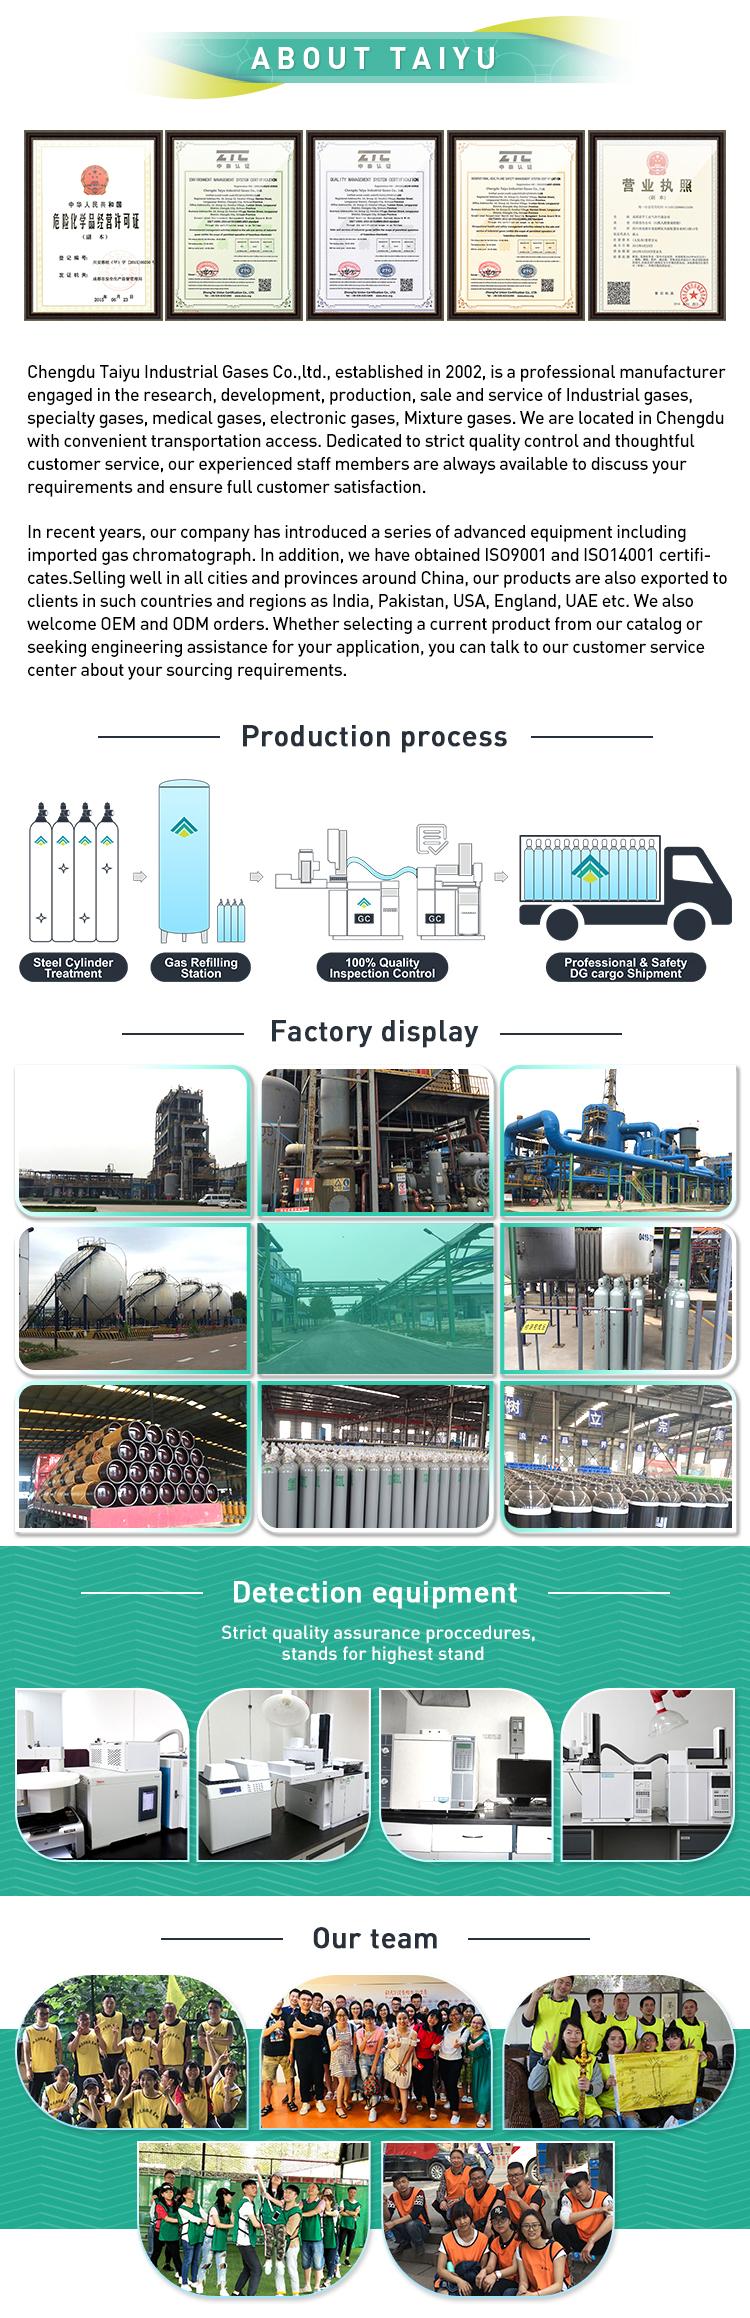 99,95 industrial de etileno del cilindro de gas precio por tonelada de etileno en Malasia C2H4 Precio de gas para frutas de maduración